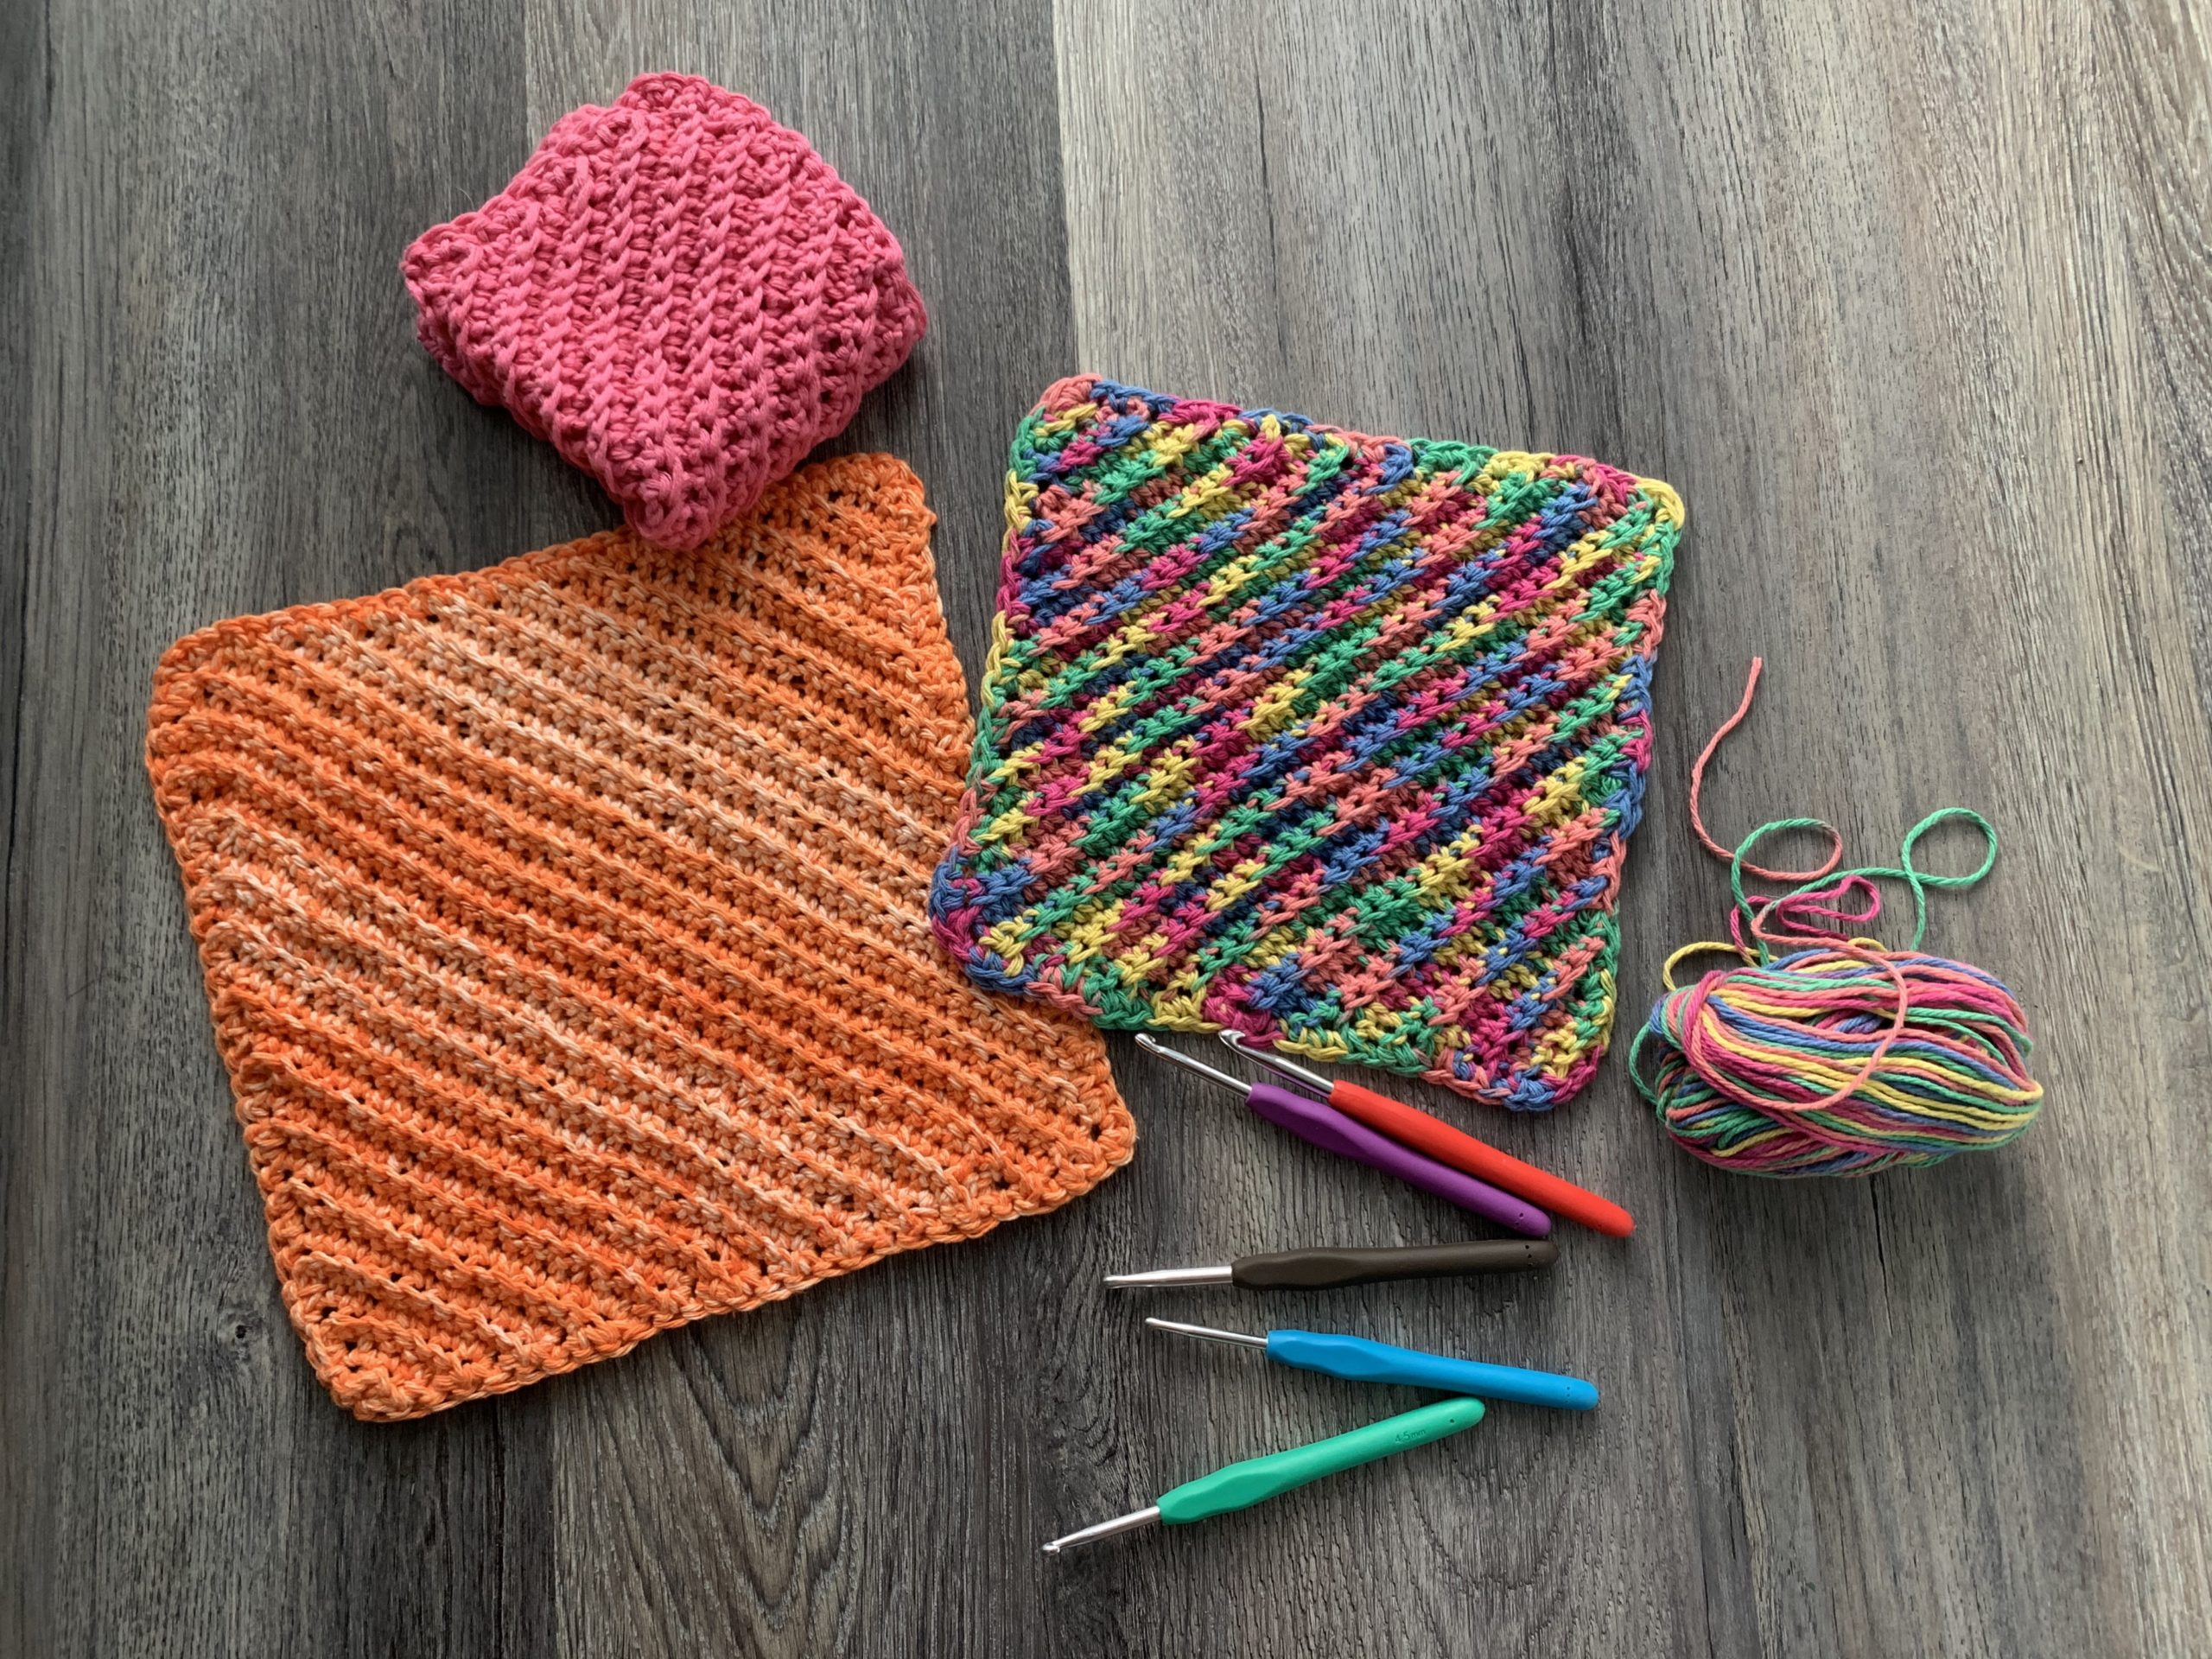 ribbed crochet dishcloth washcloth by crafty gemini